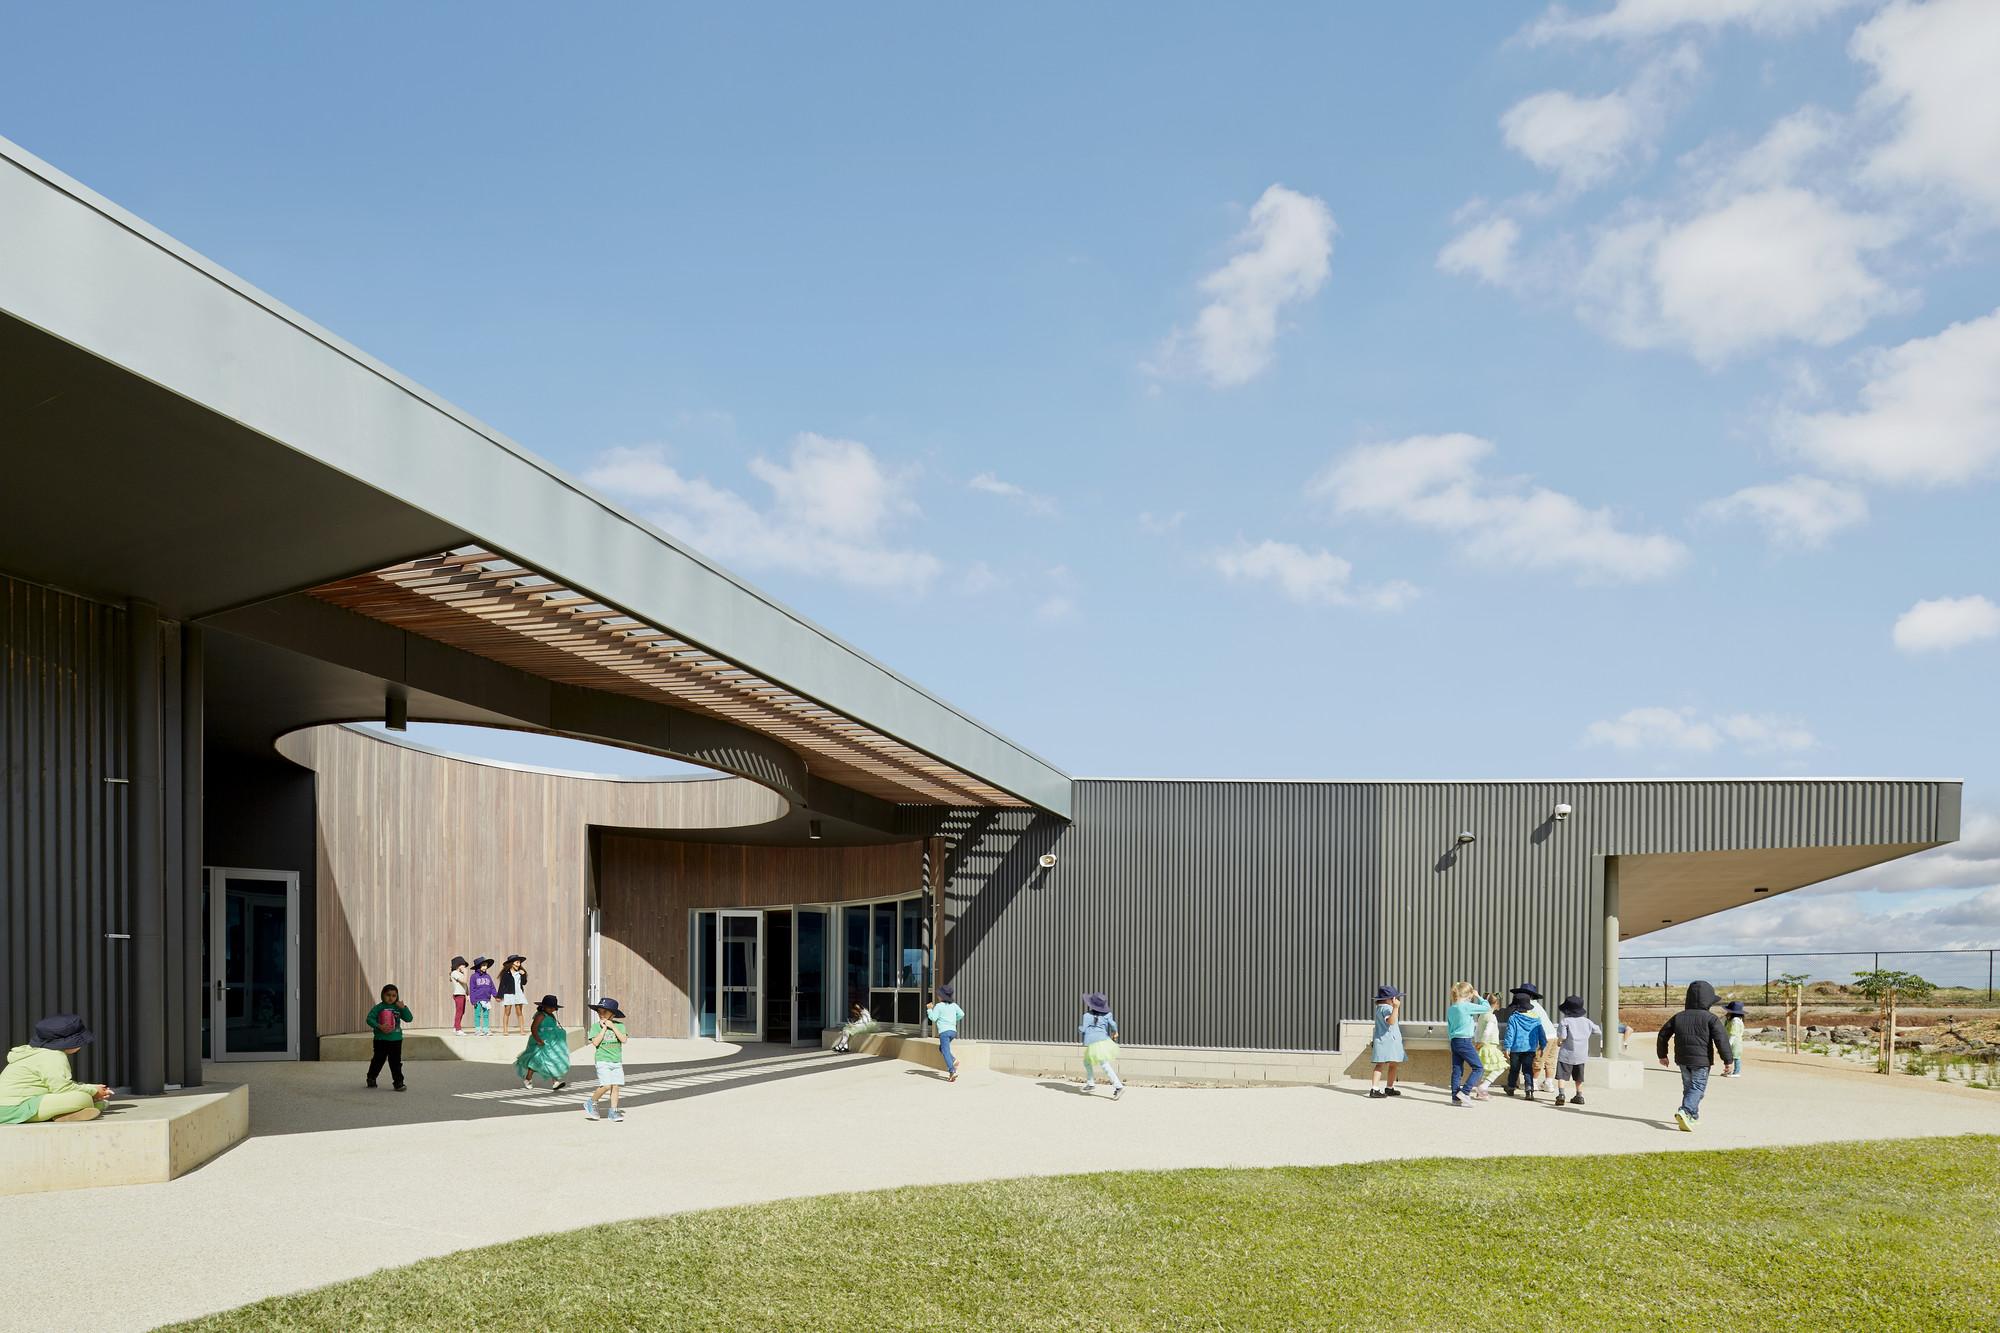 Escuela Básica Santa María de la Cruz / Baldasso Cortese Architects, © Peter Clarke